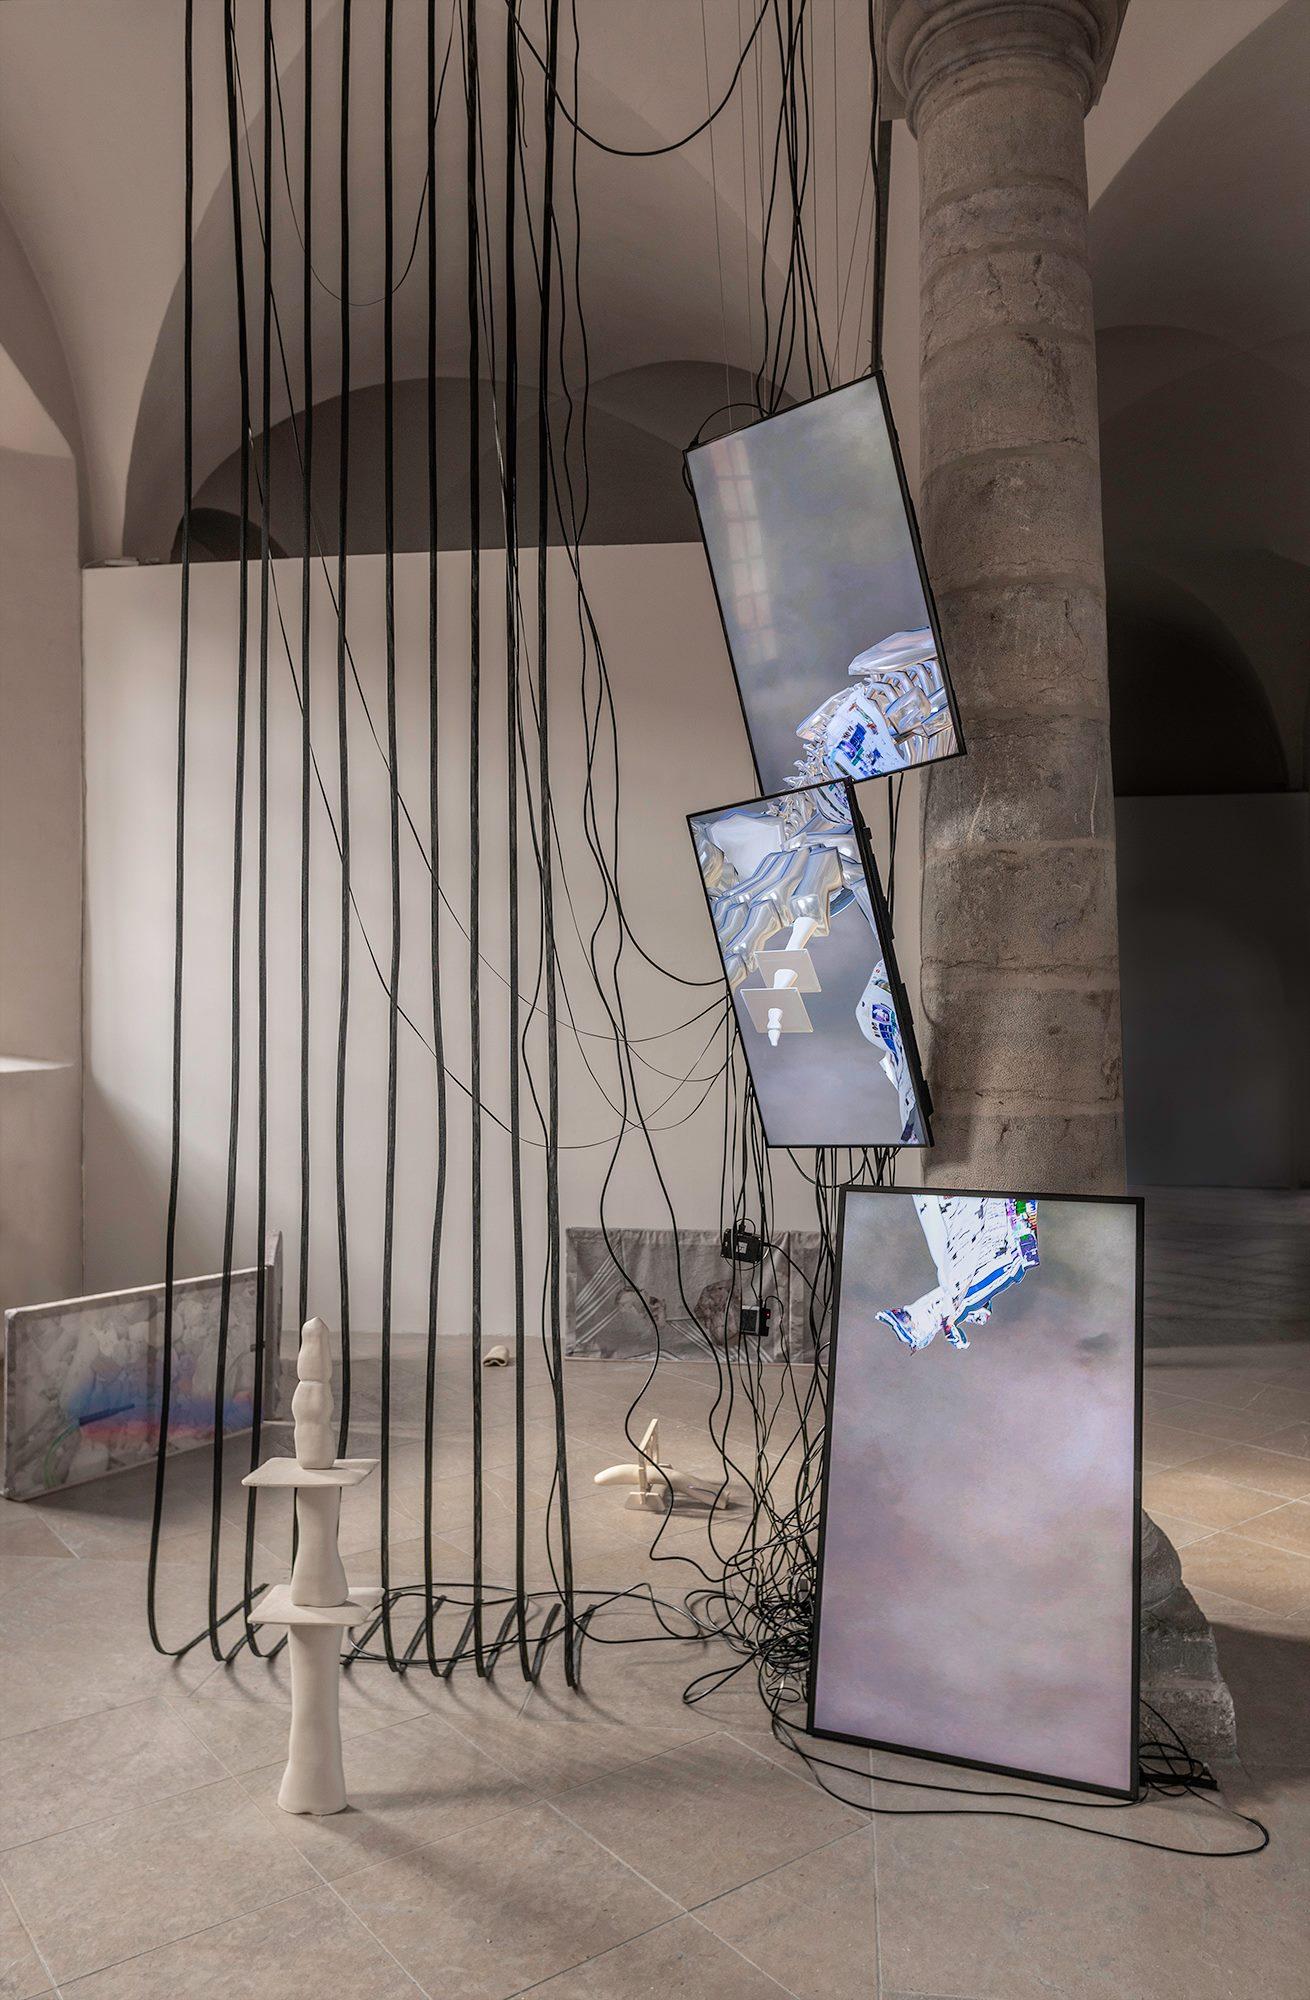 Dominique Sirois & Baron Lanteigne  In Extremis 2019 Instalación. Pantallas, cerámica (arenisca), telas de poliéster impresas, cables, ductos y reproductores multimedia.